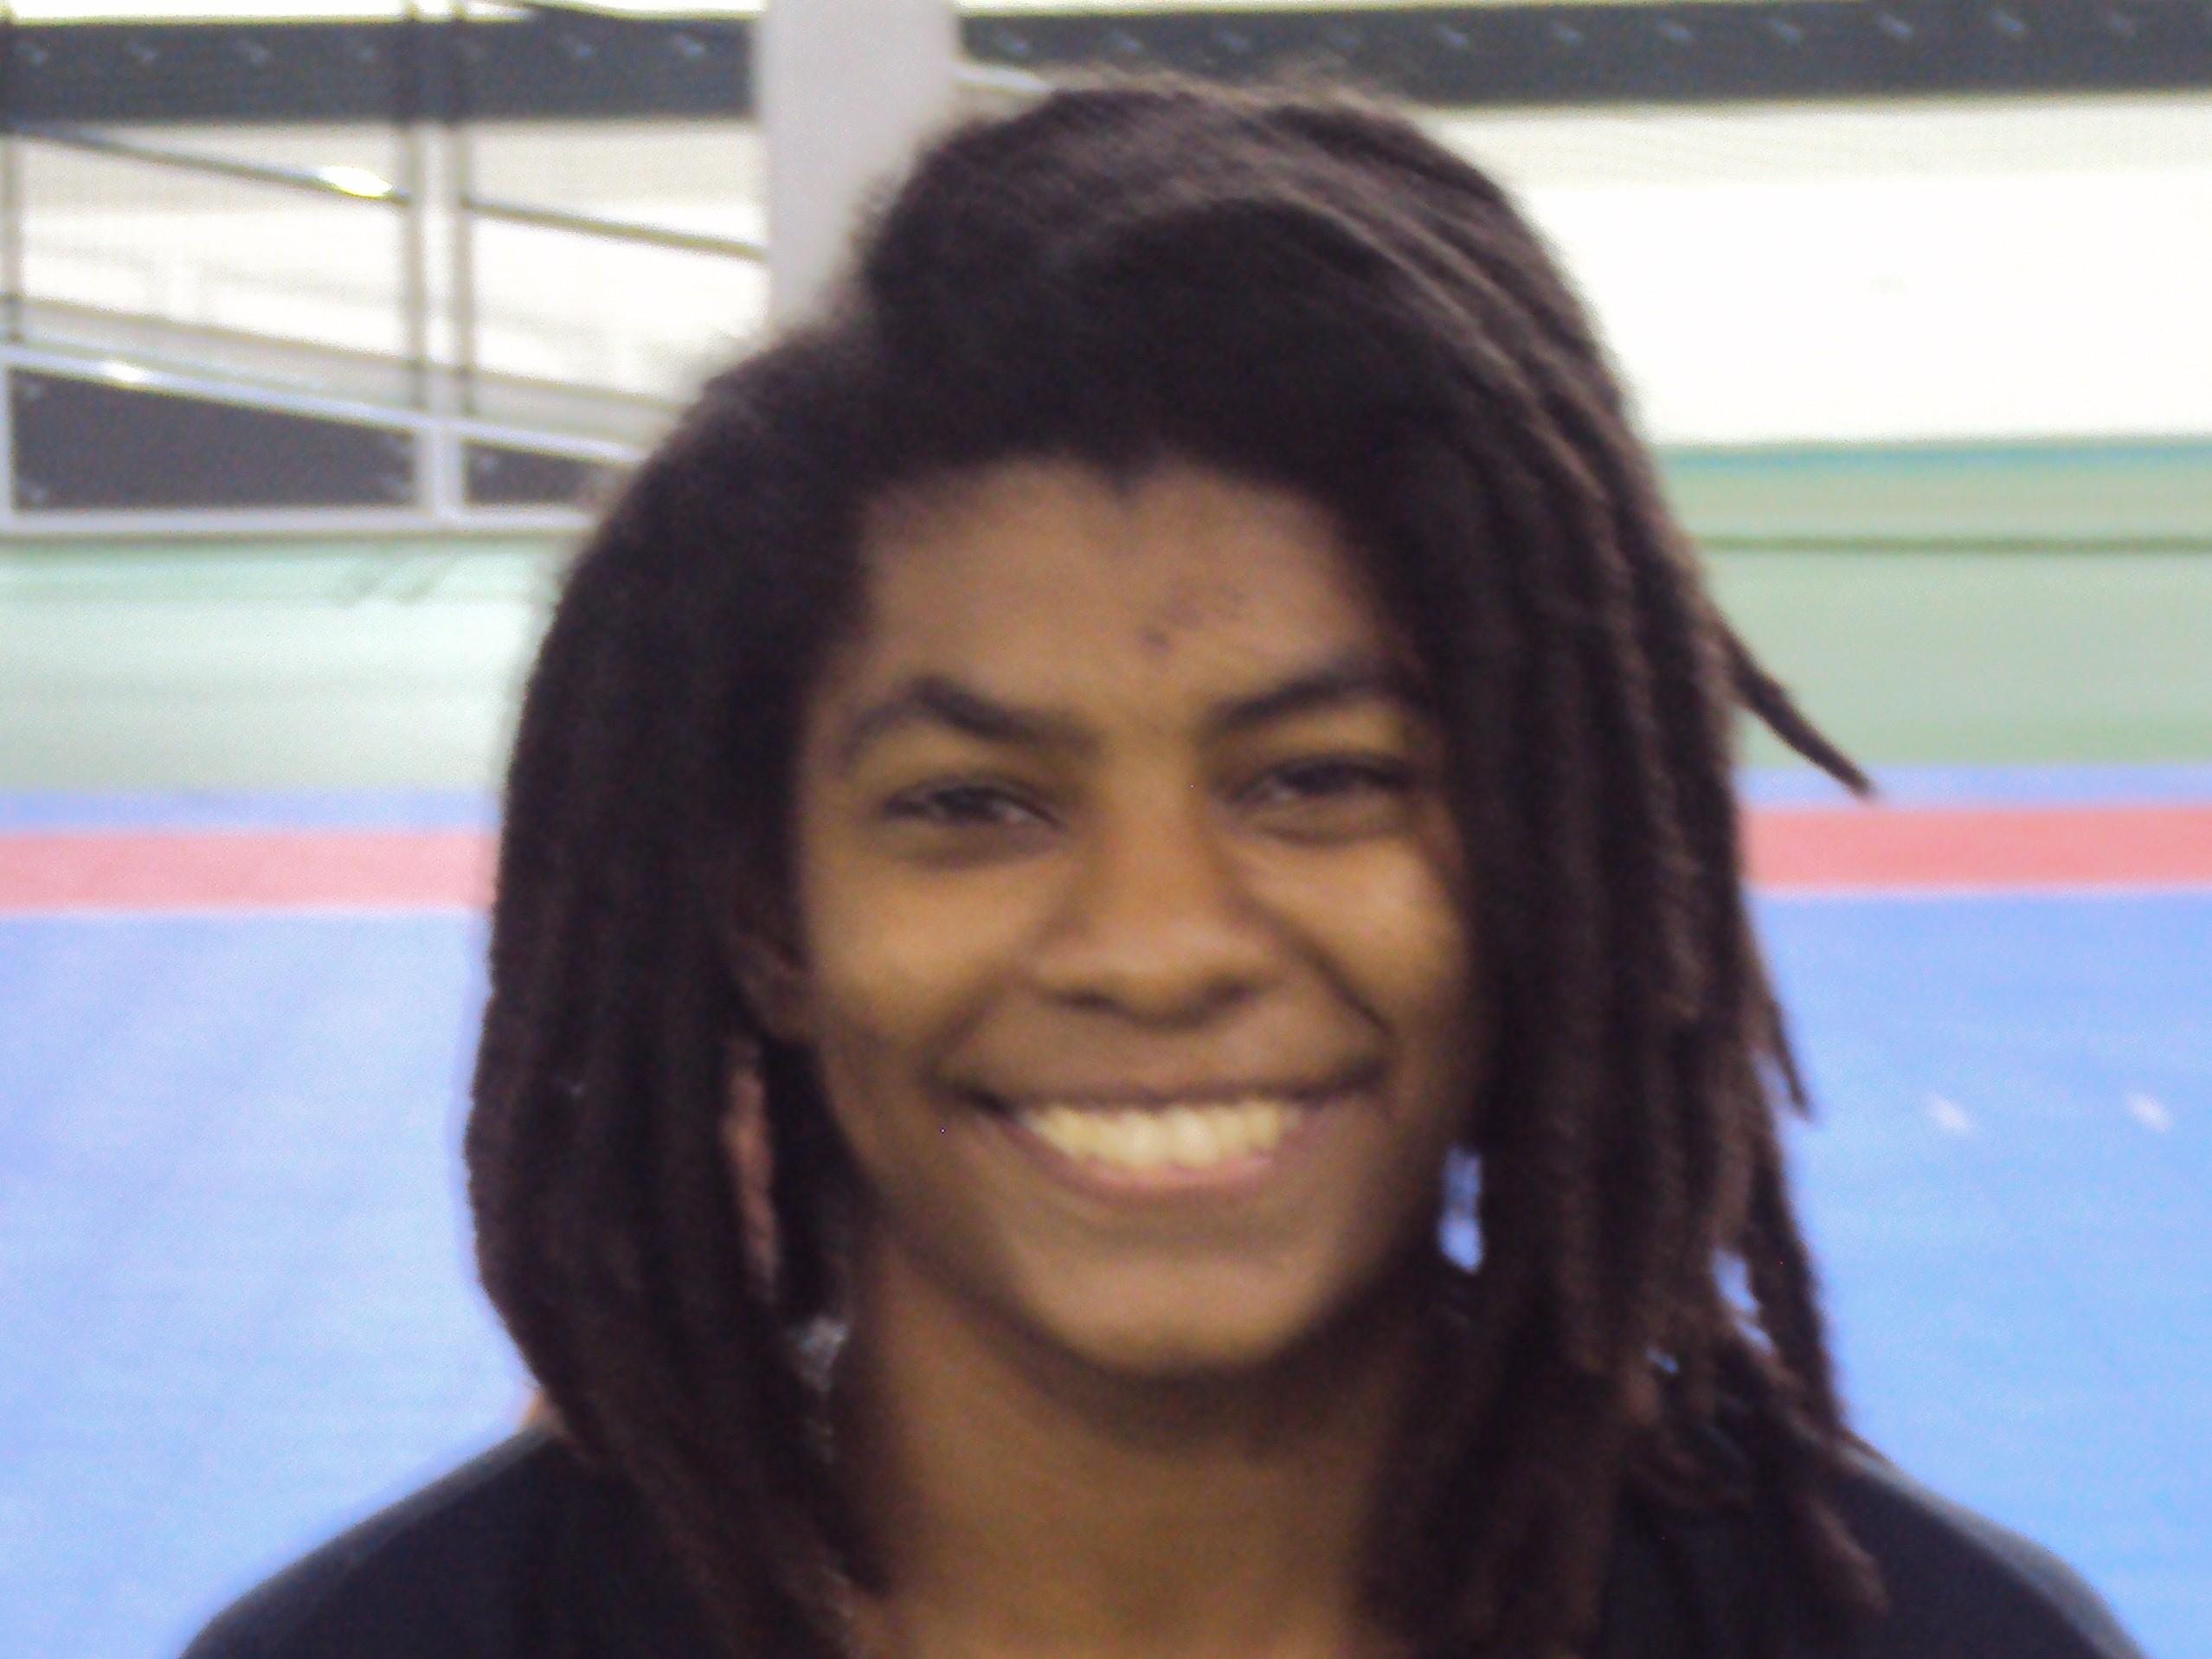 Malika Davidson